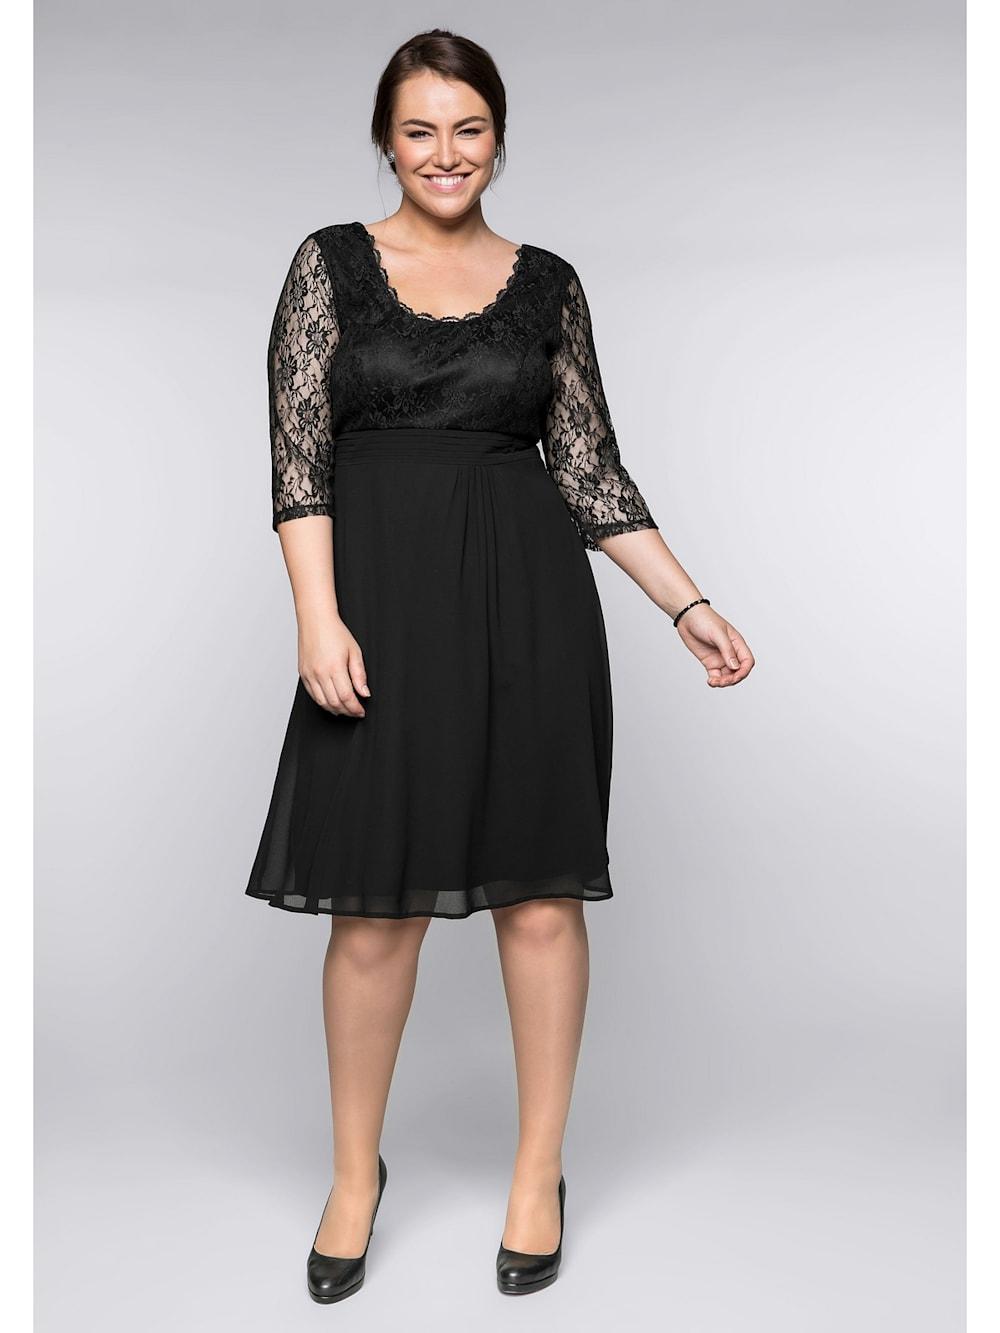 Sheego Sheego Kleid mit leicht ausgestelltem Rock  Klingel